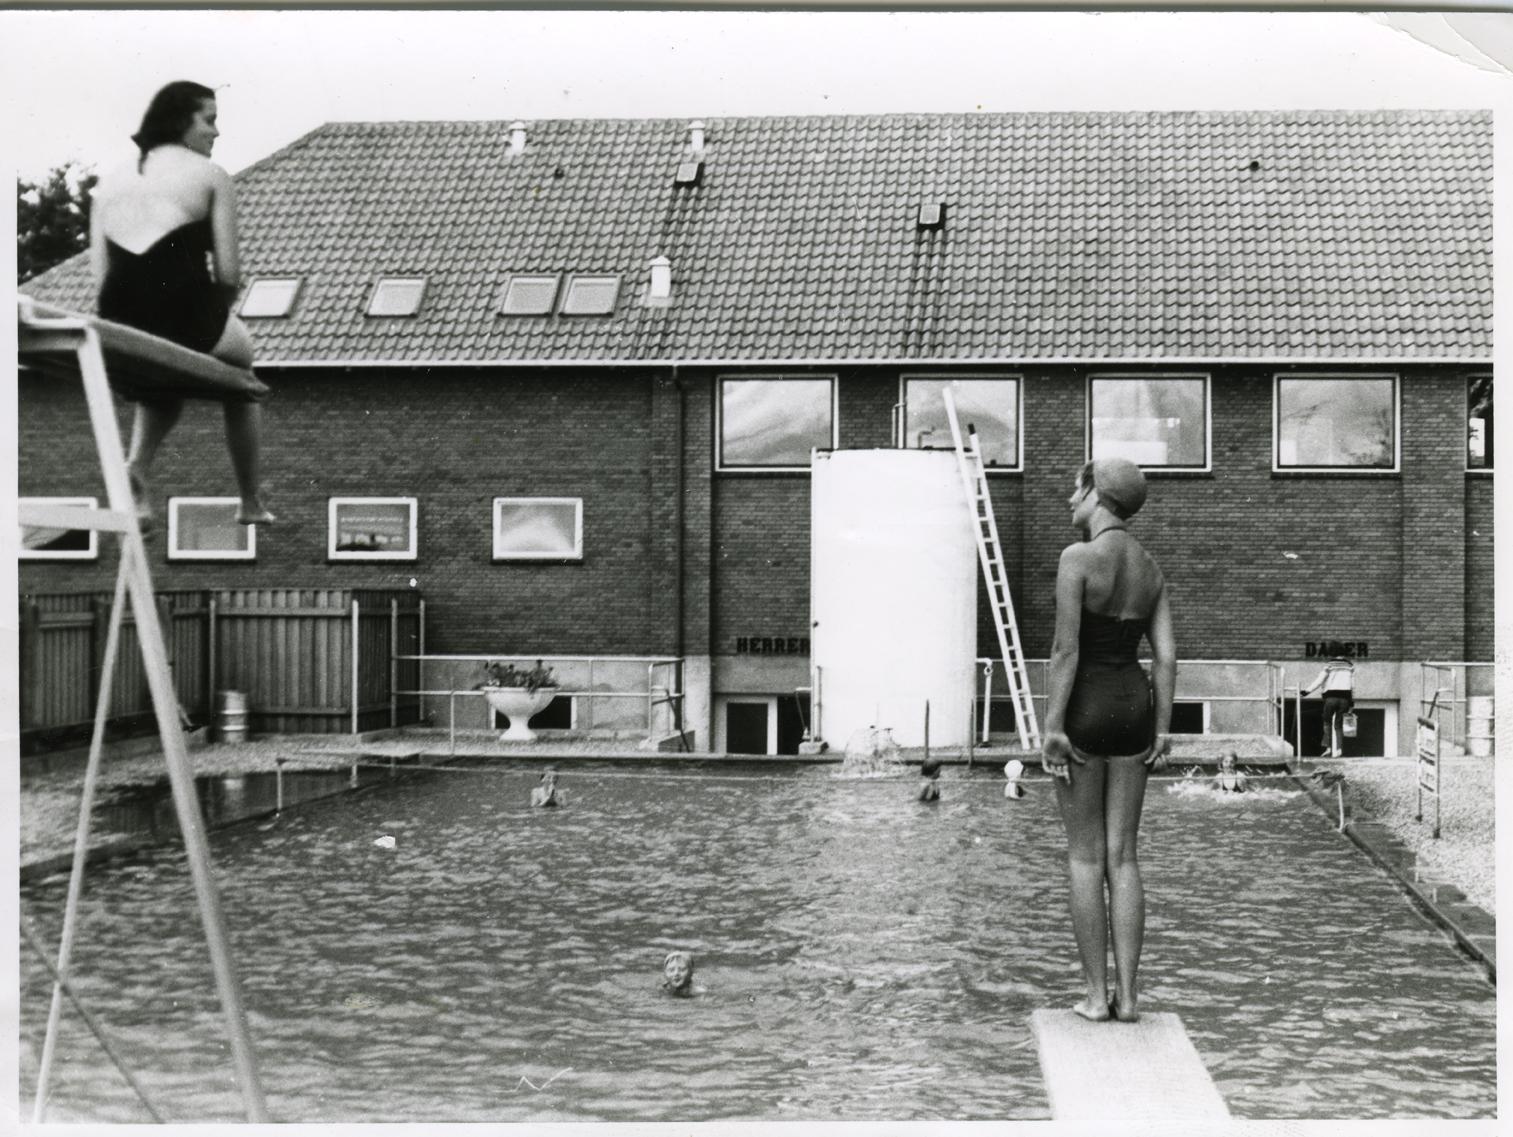 Avisfoto fra Ugerløse Friluftsbad ved 25-års jubilæet i 1958. Hvem er pigerne?